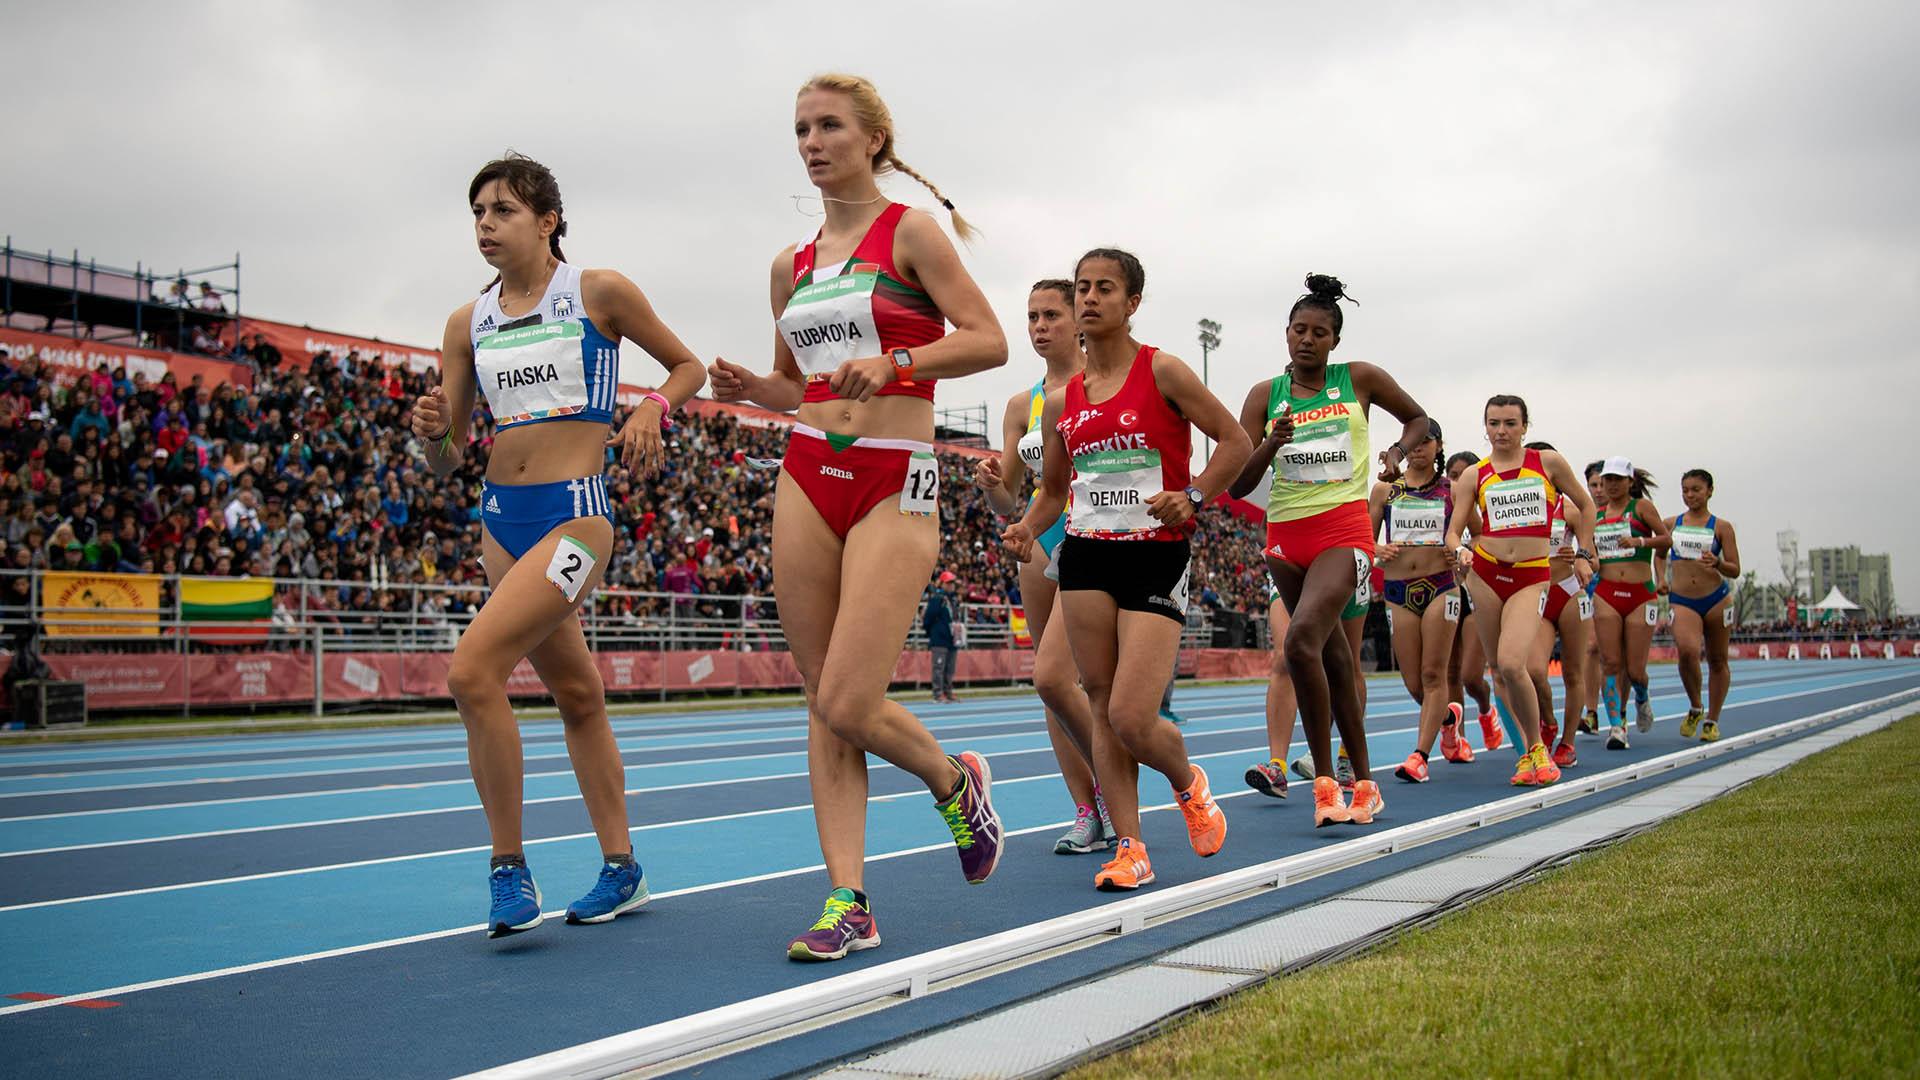 La griega Olga Fiaskay Hanna Zubkovade Bielorrusia se dirimen la punta de los 5000 metros femeninos en el parque olímpico (Foto:REUTERS)